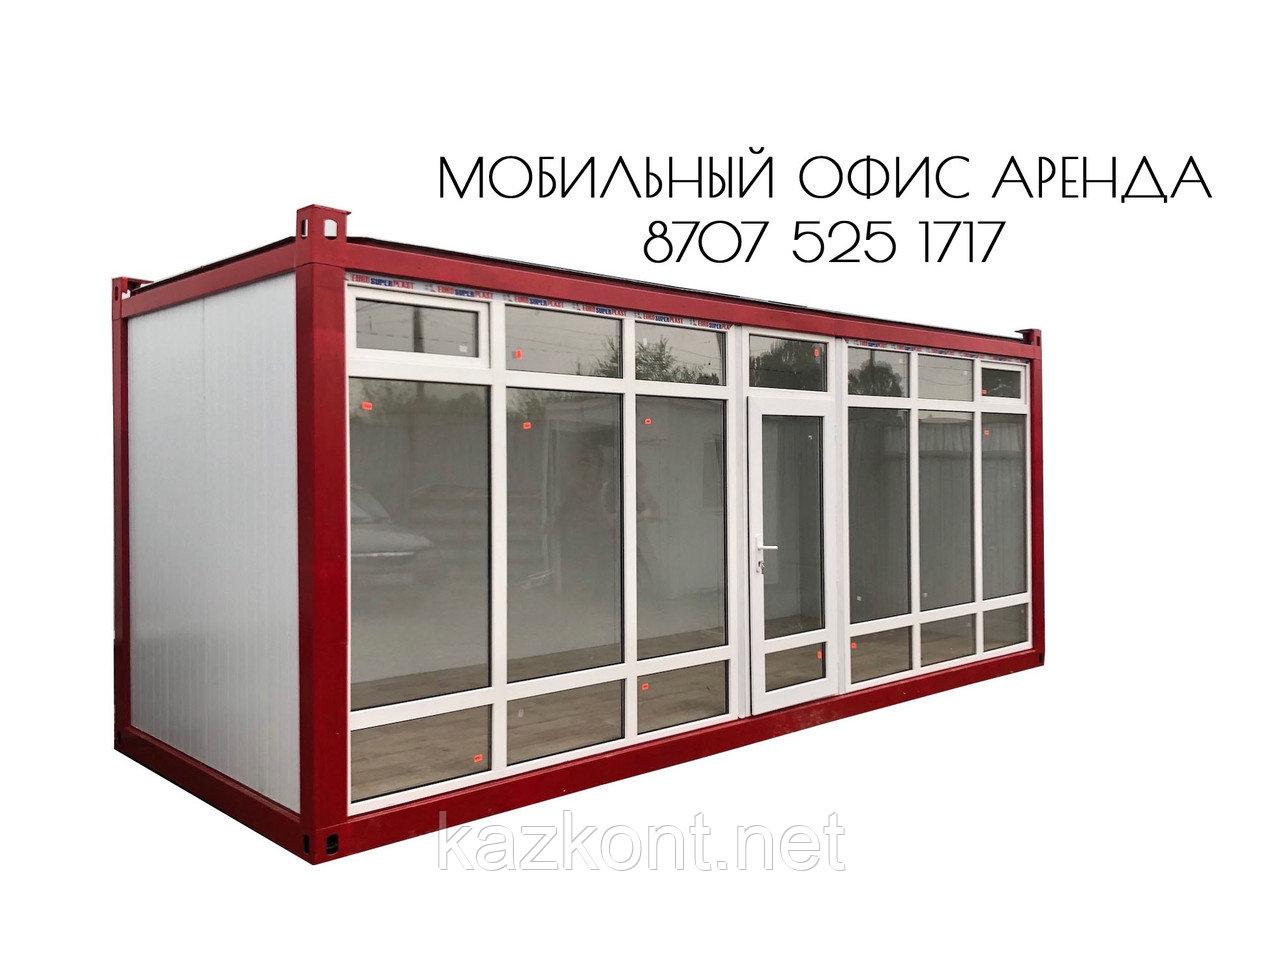 Модульные Офисы Аренда!